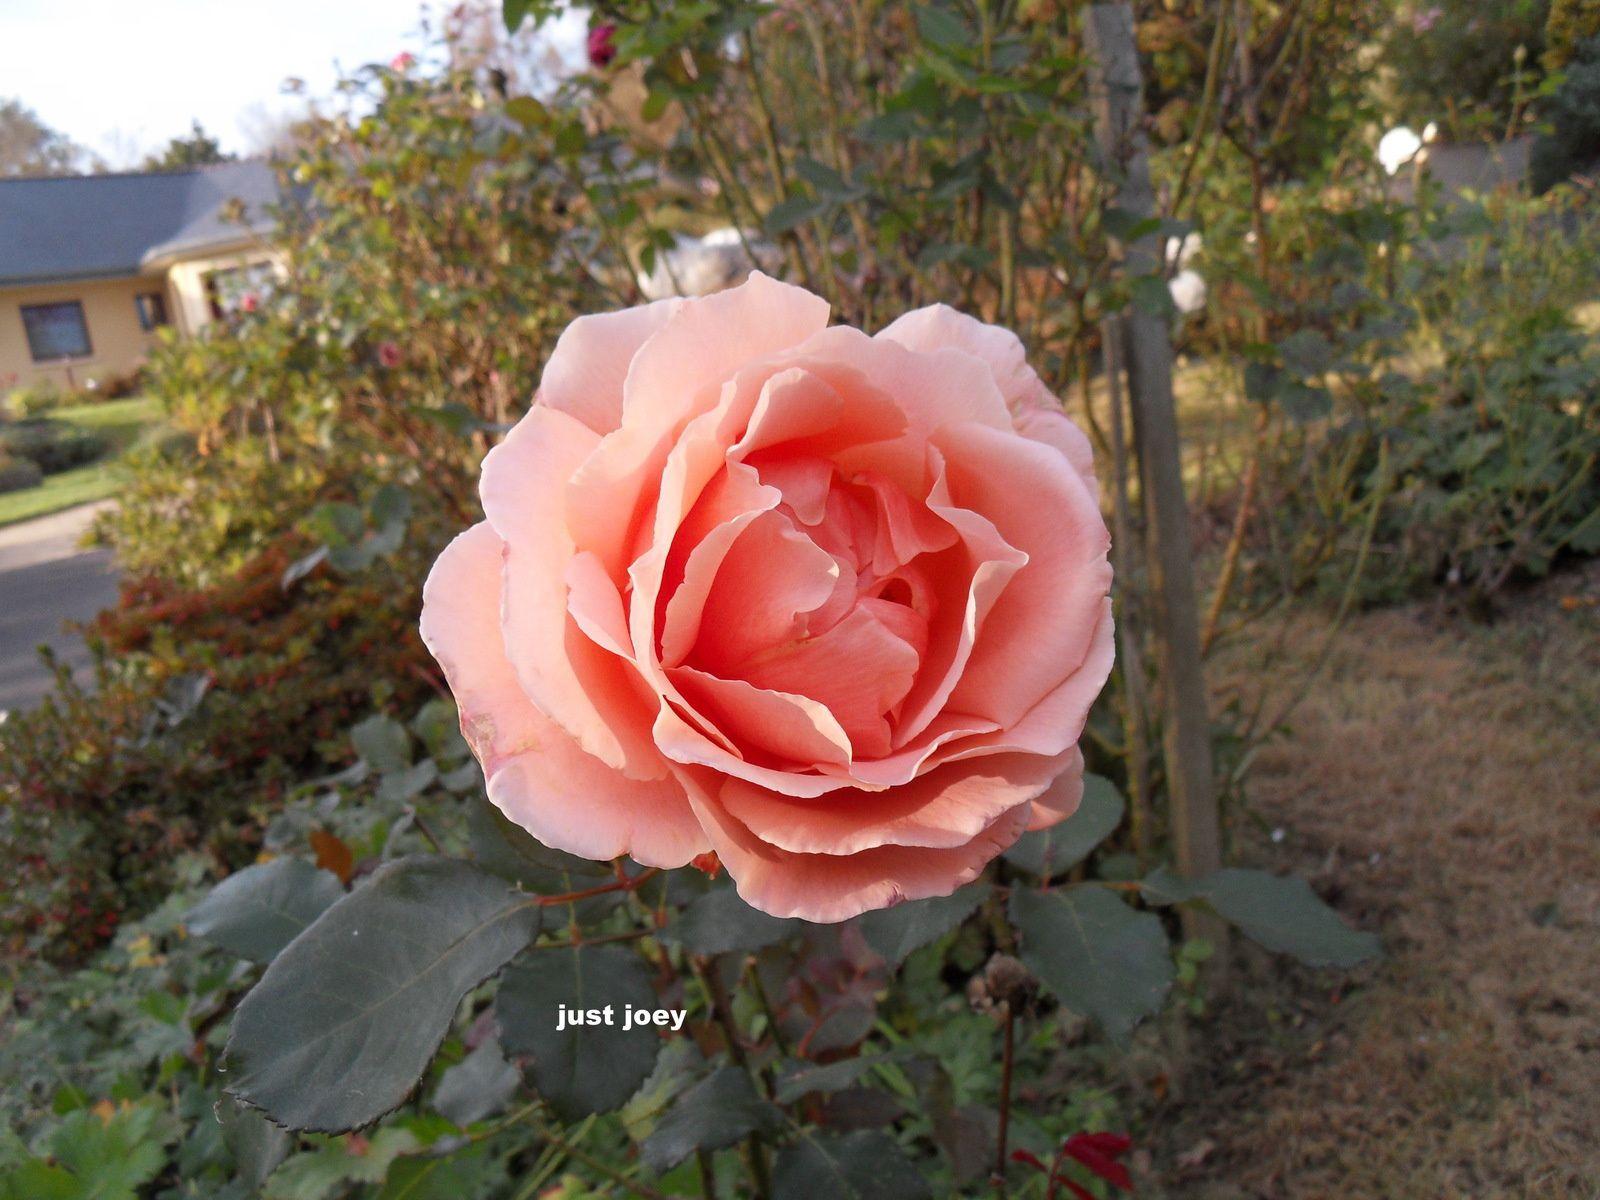 de nombreux rosiers donnent au jardin un petit air de fête ....